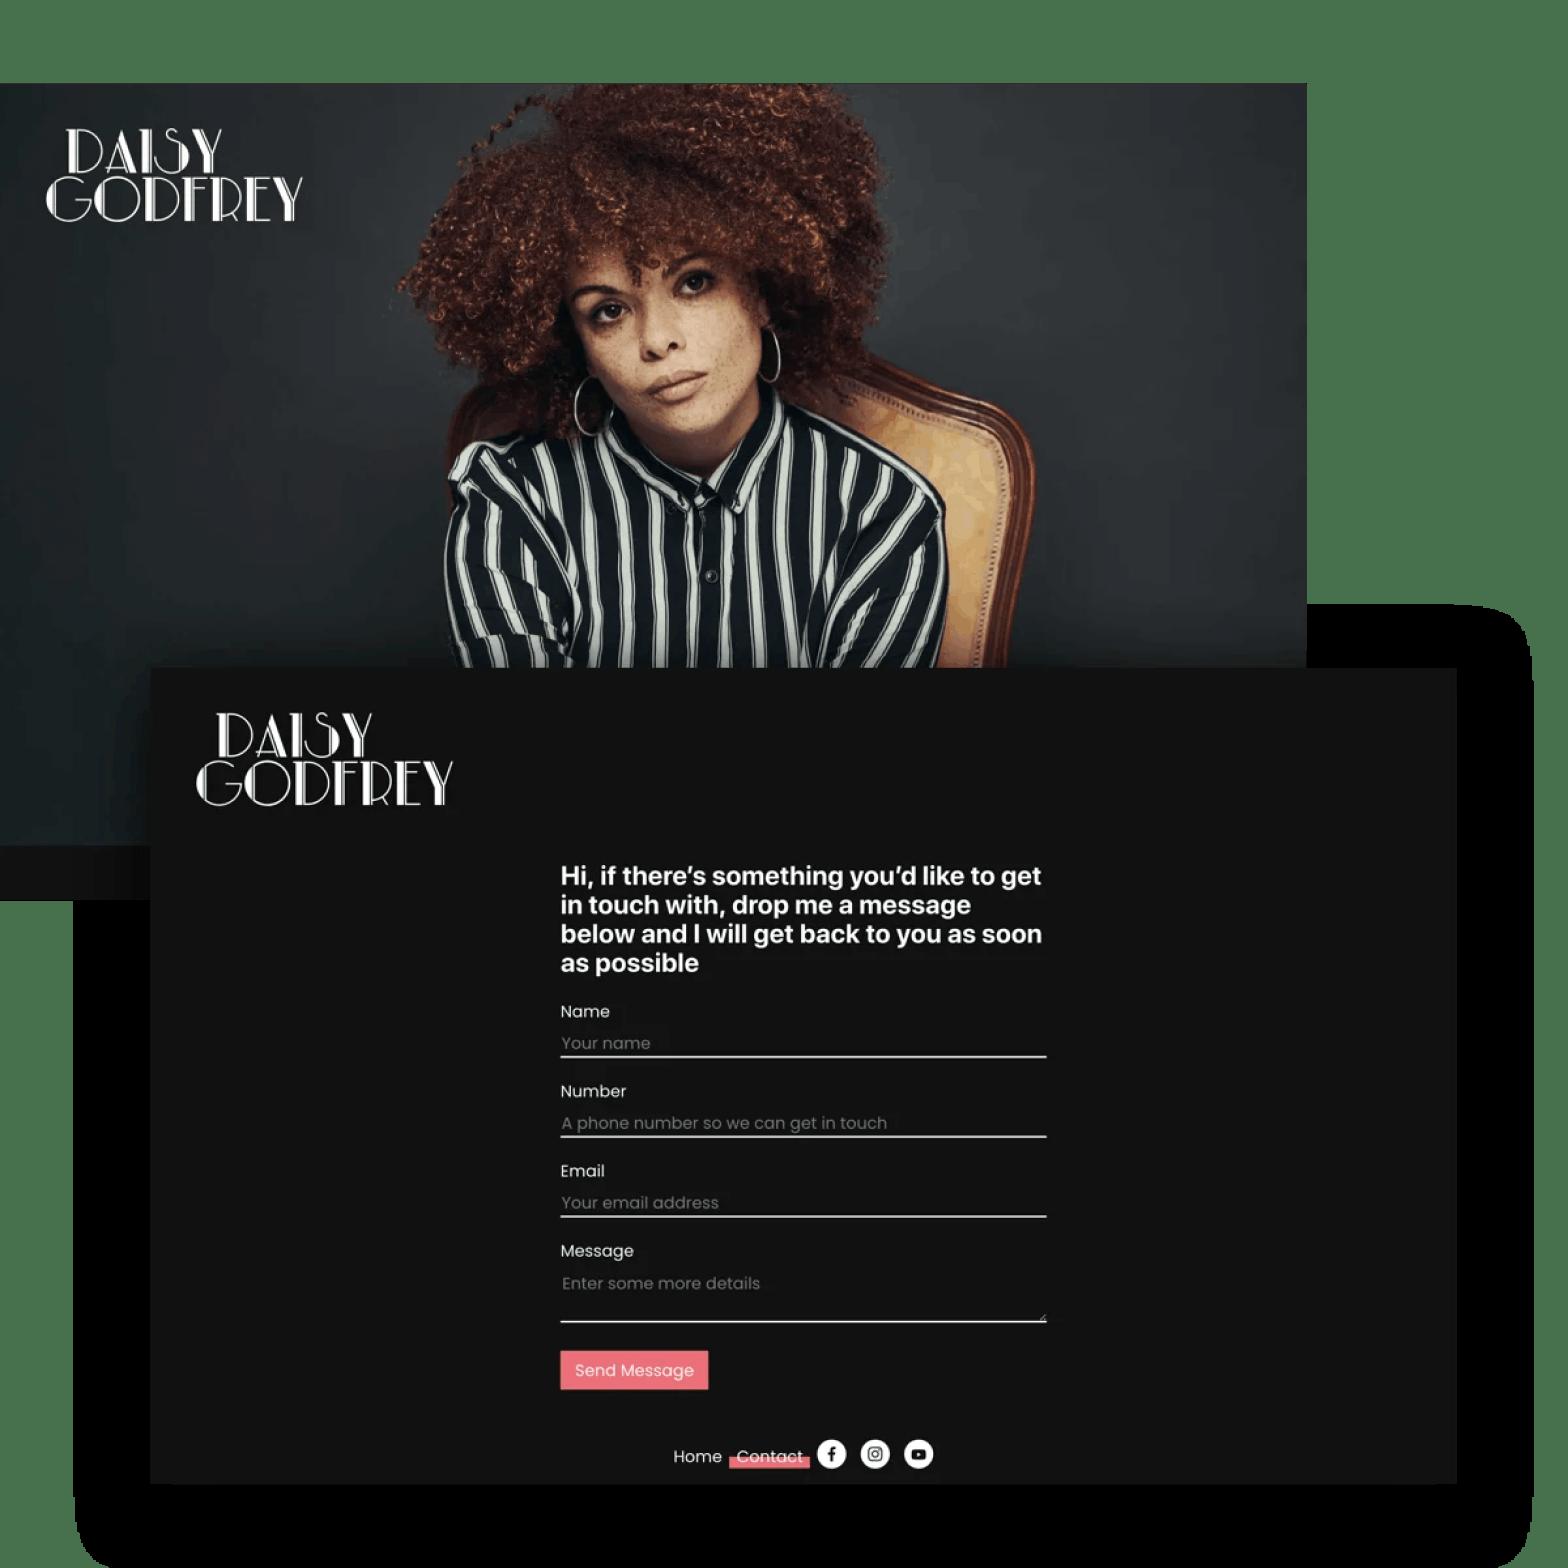 Daisy Godfrey Website Screens